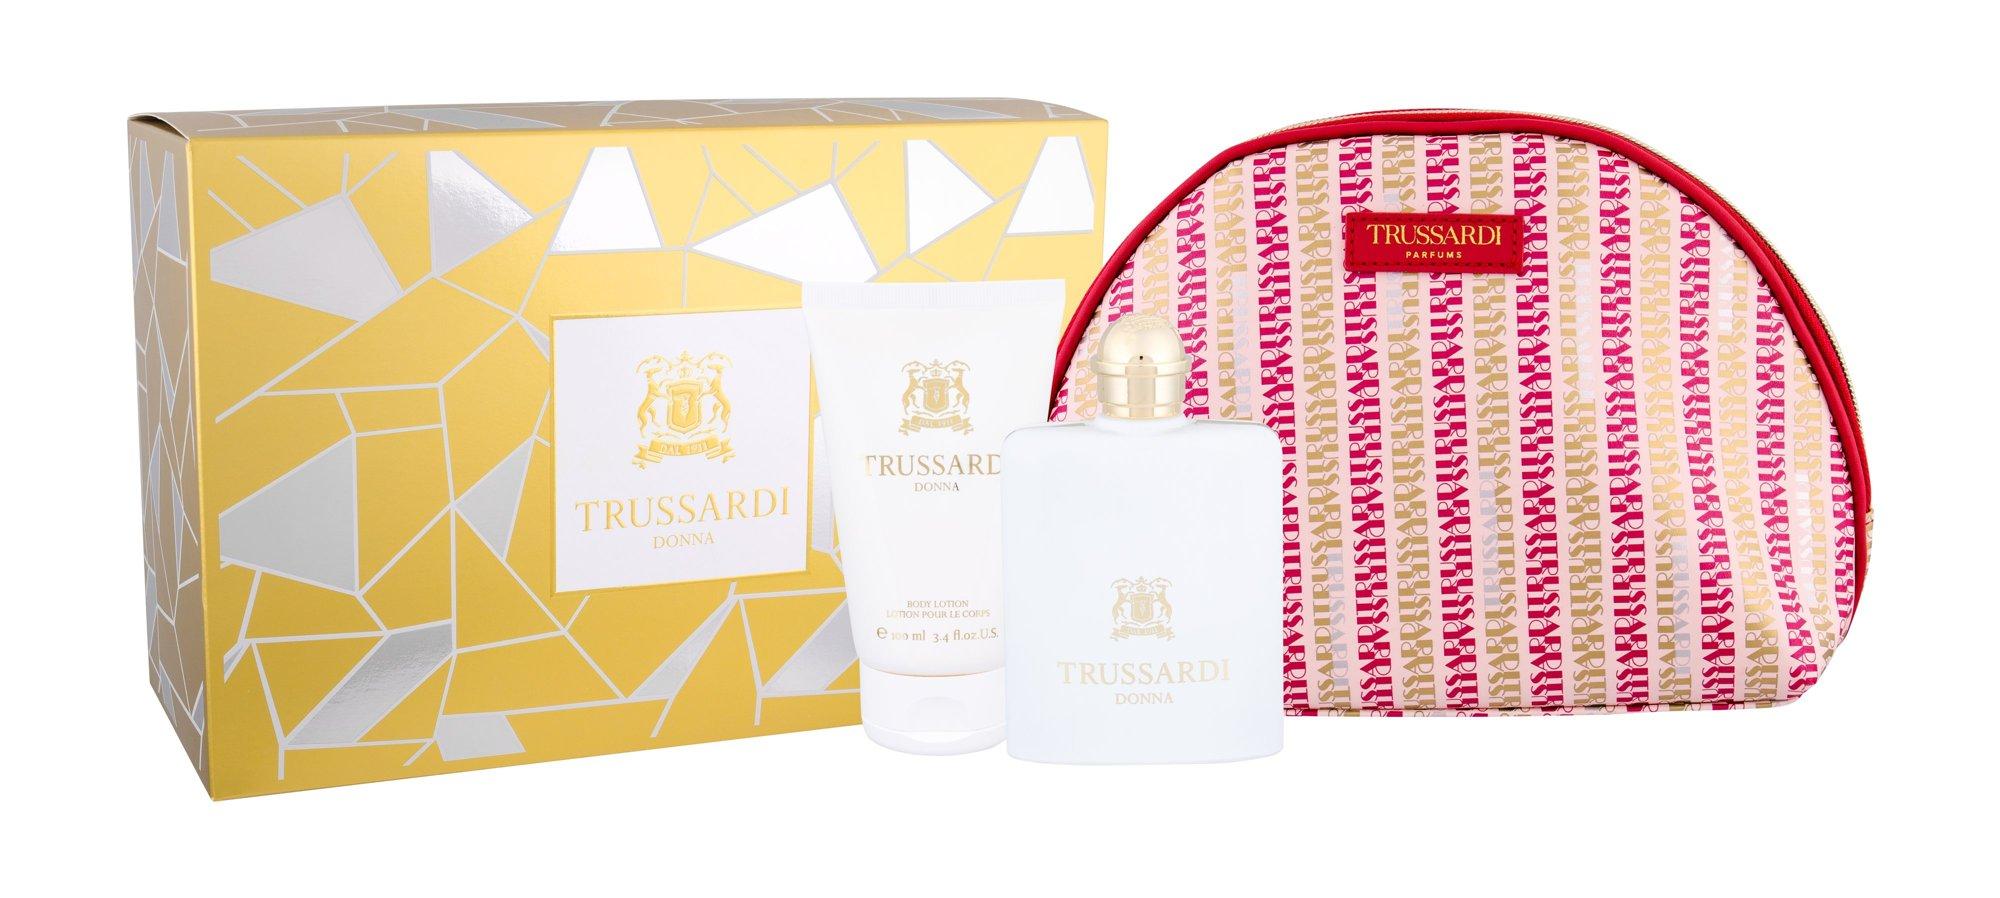 Trussardi Donna, parfumovaná voda 100 ml + telové mlieko 100 ml + kozmetická taška